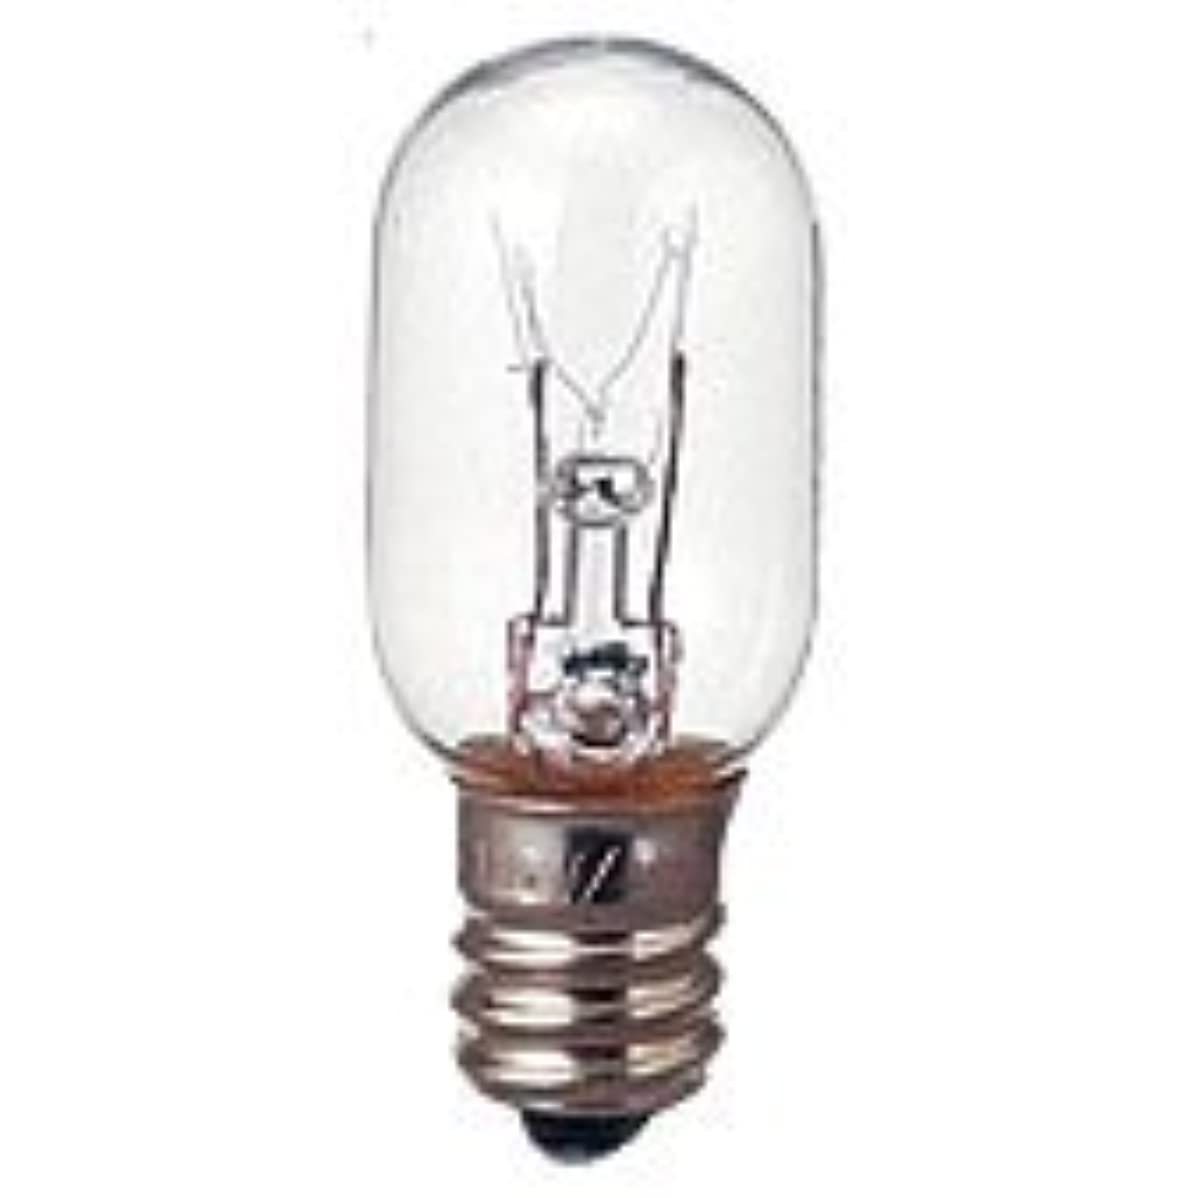 形成プログラム以内に生活の木 オールナイト用電球(5W)